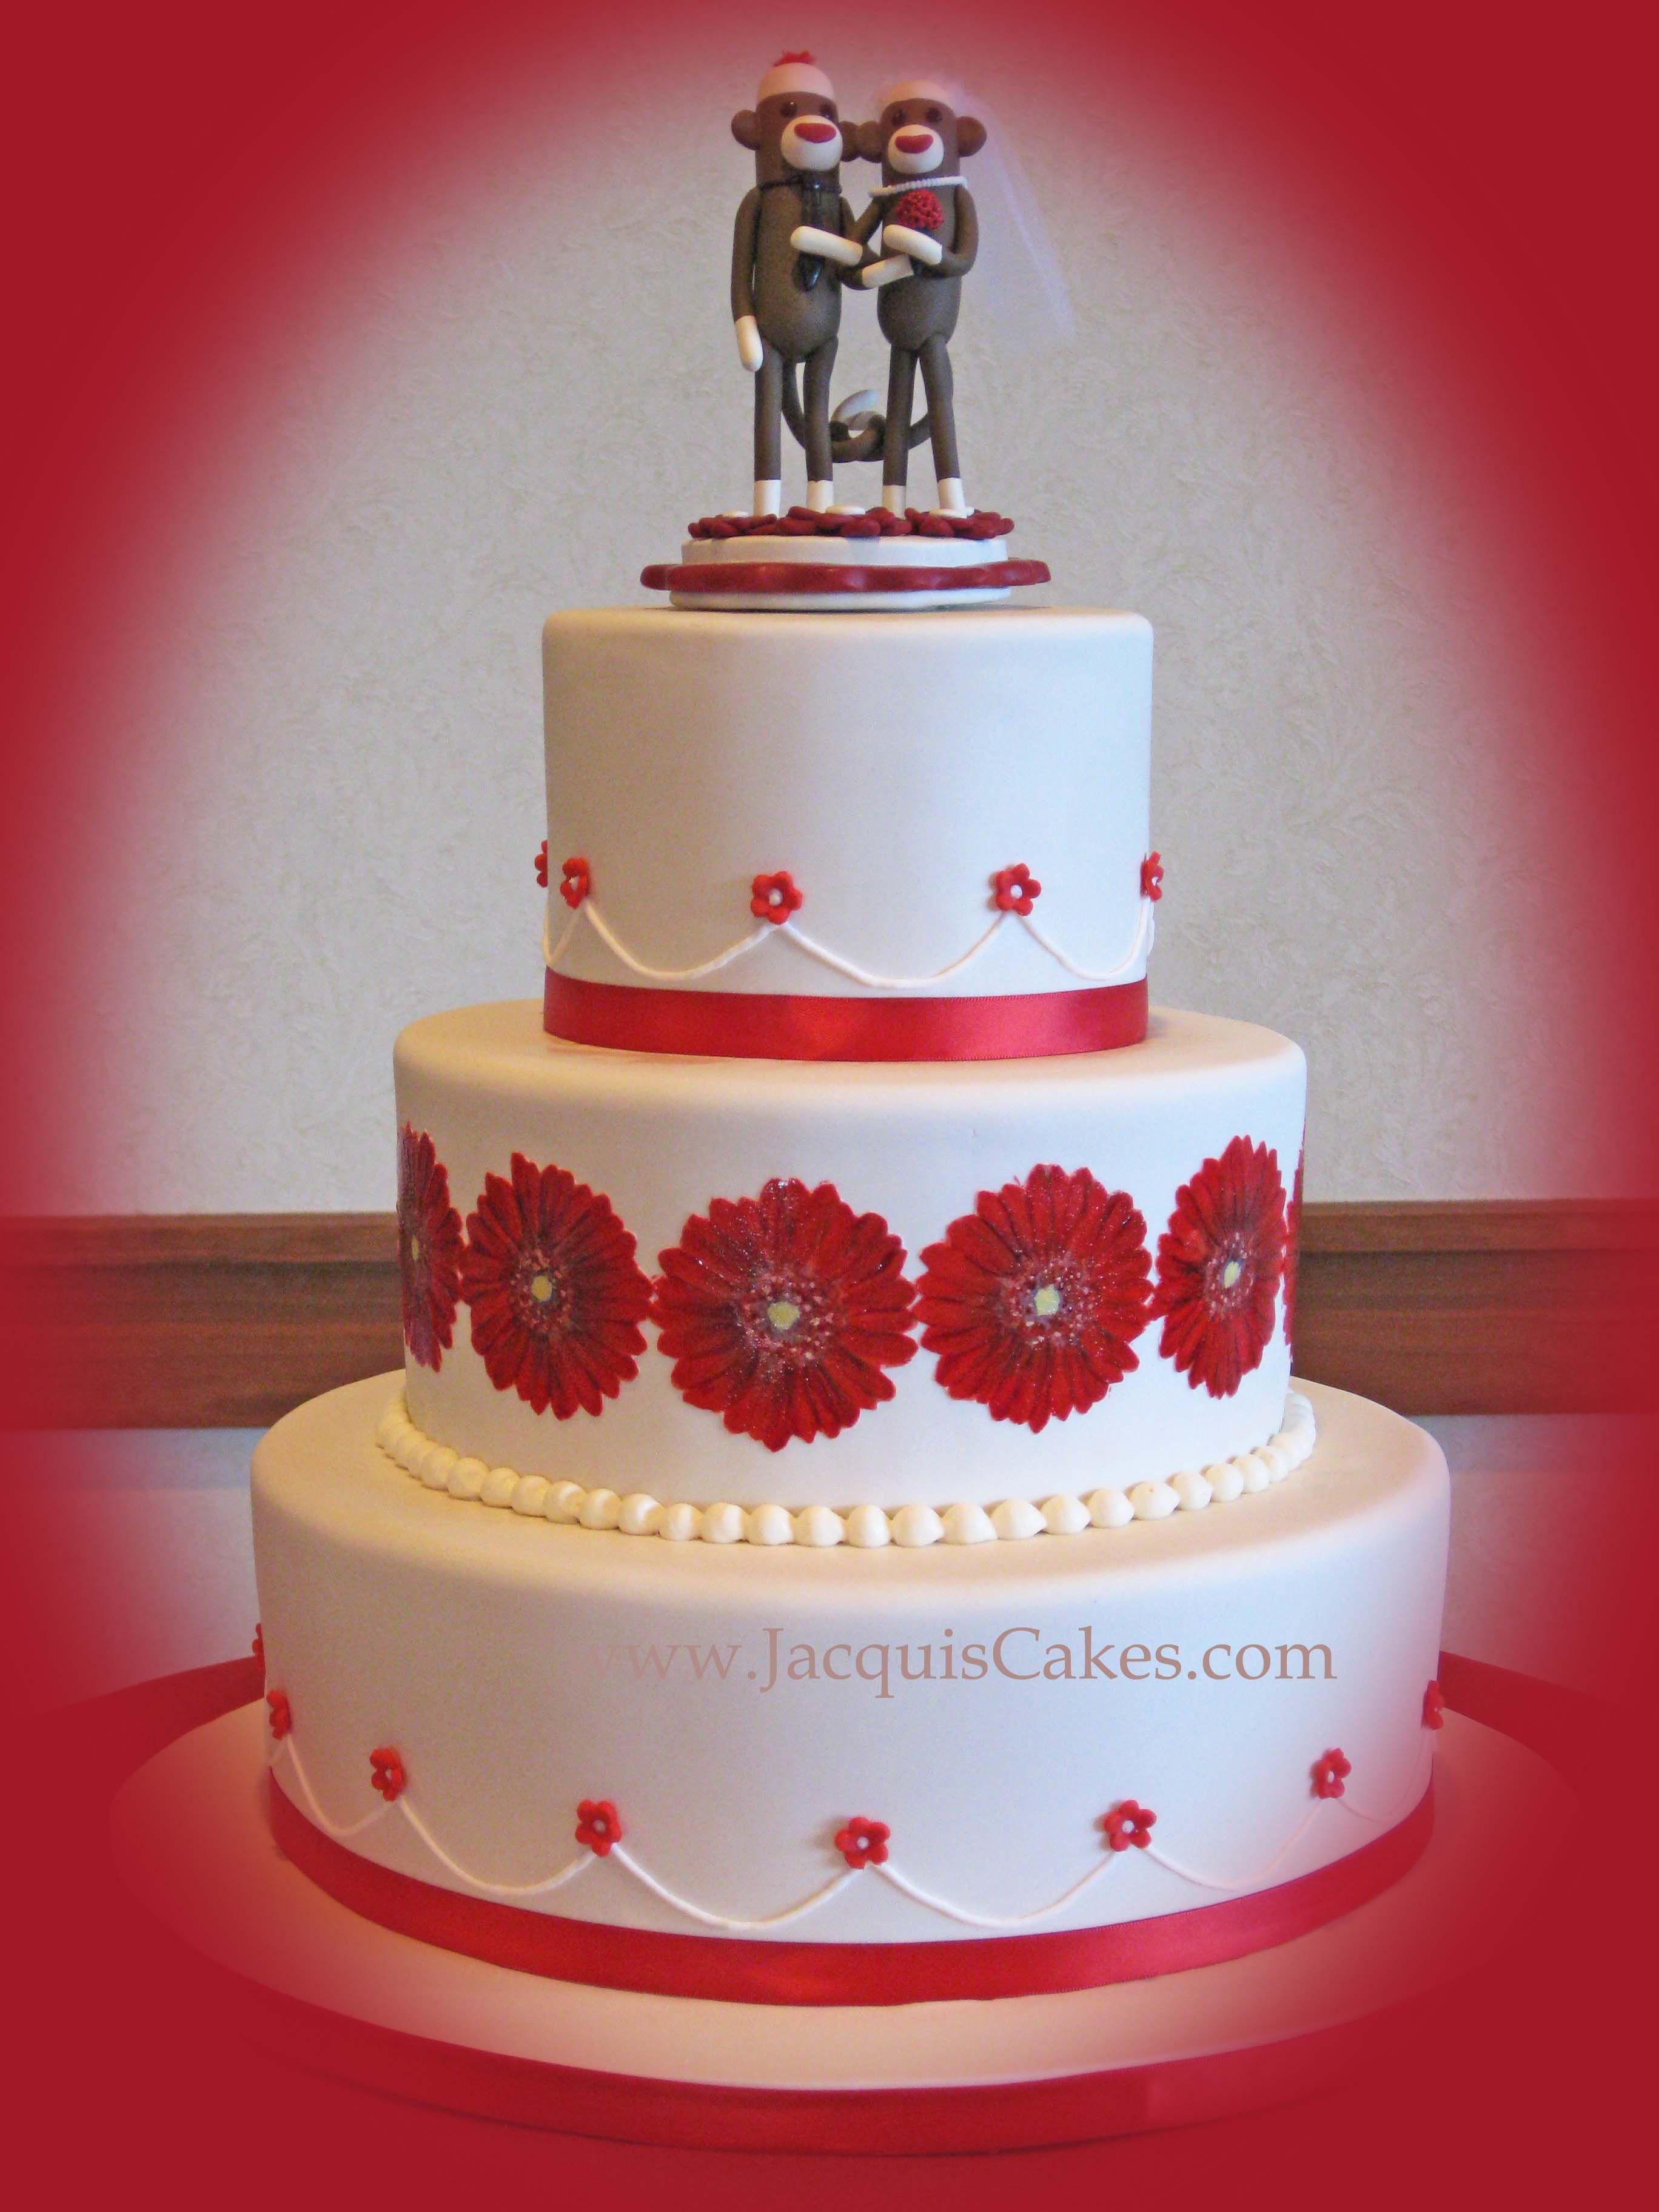 Christina s Red Gerber Daisy Wedding Cake